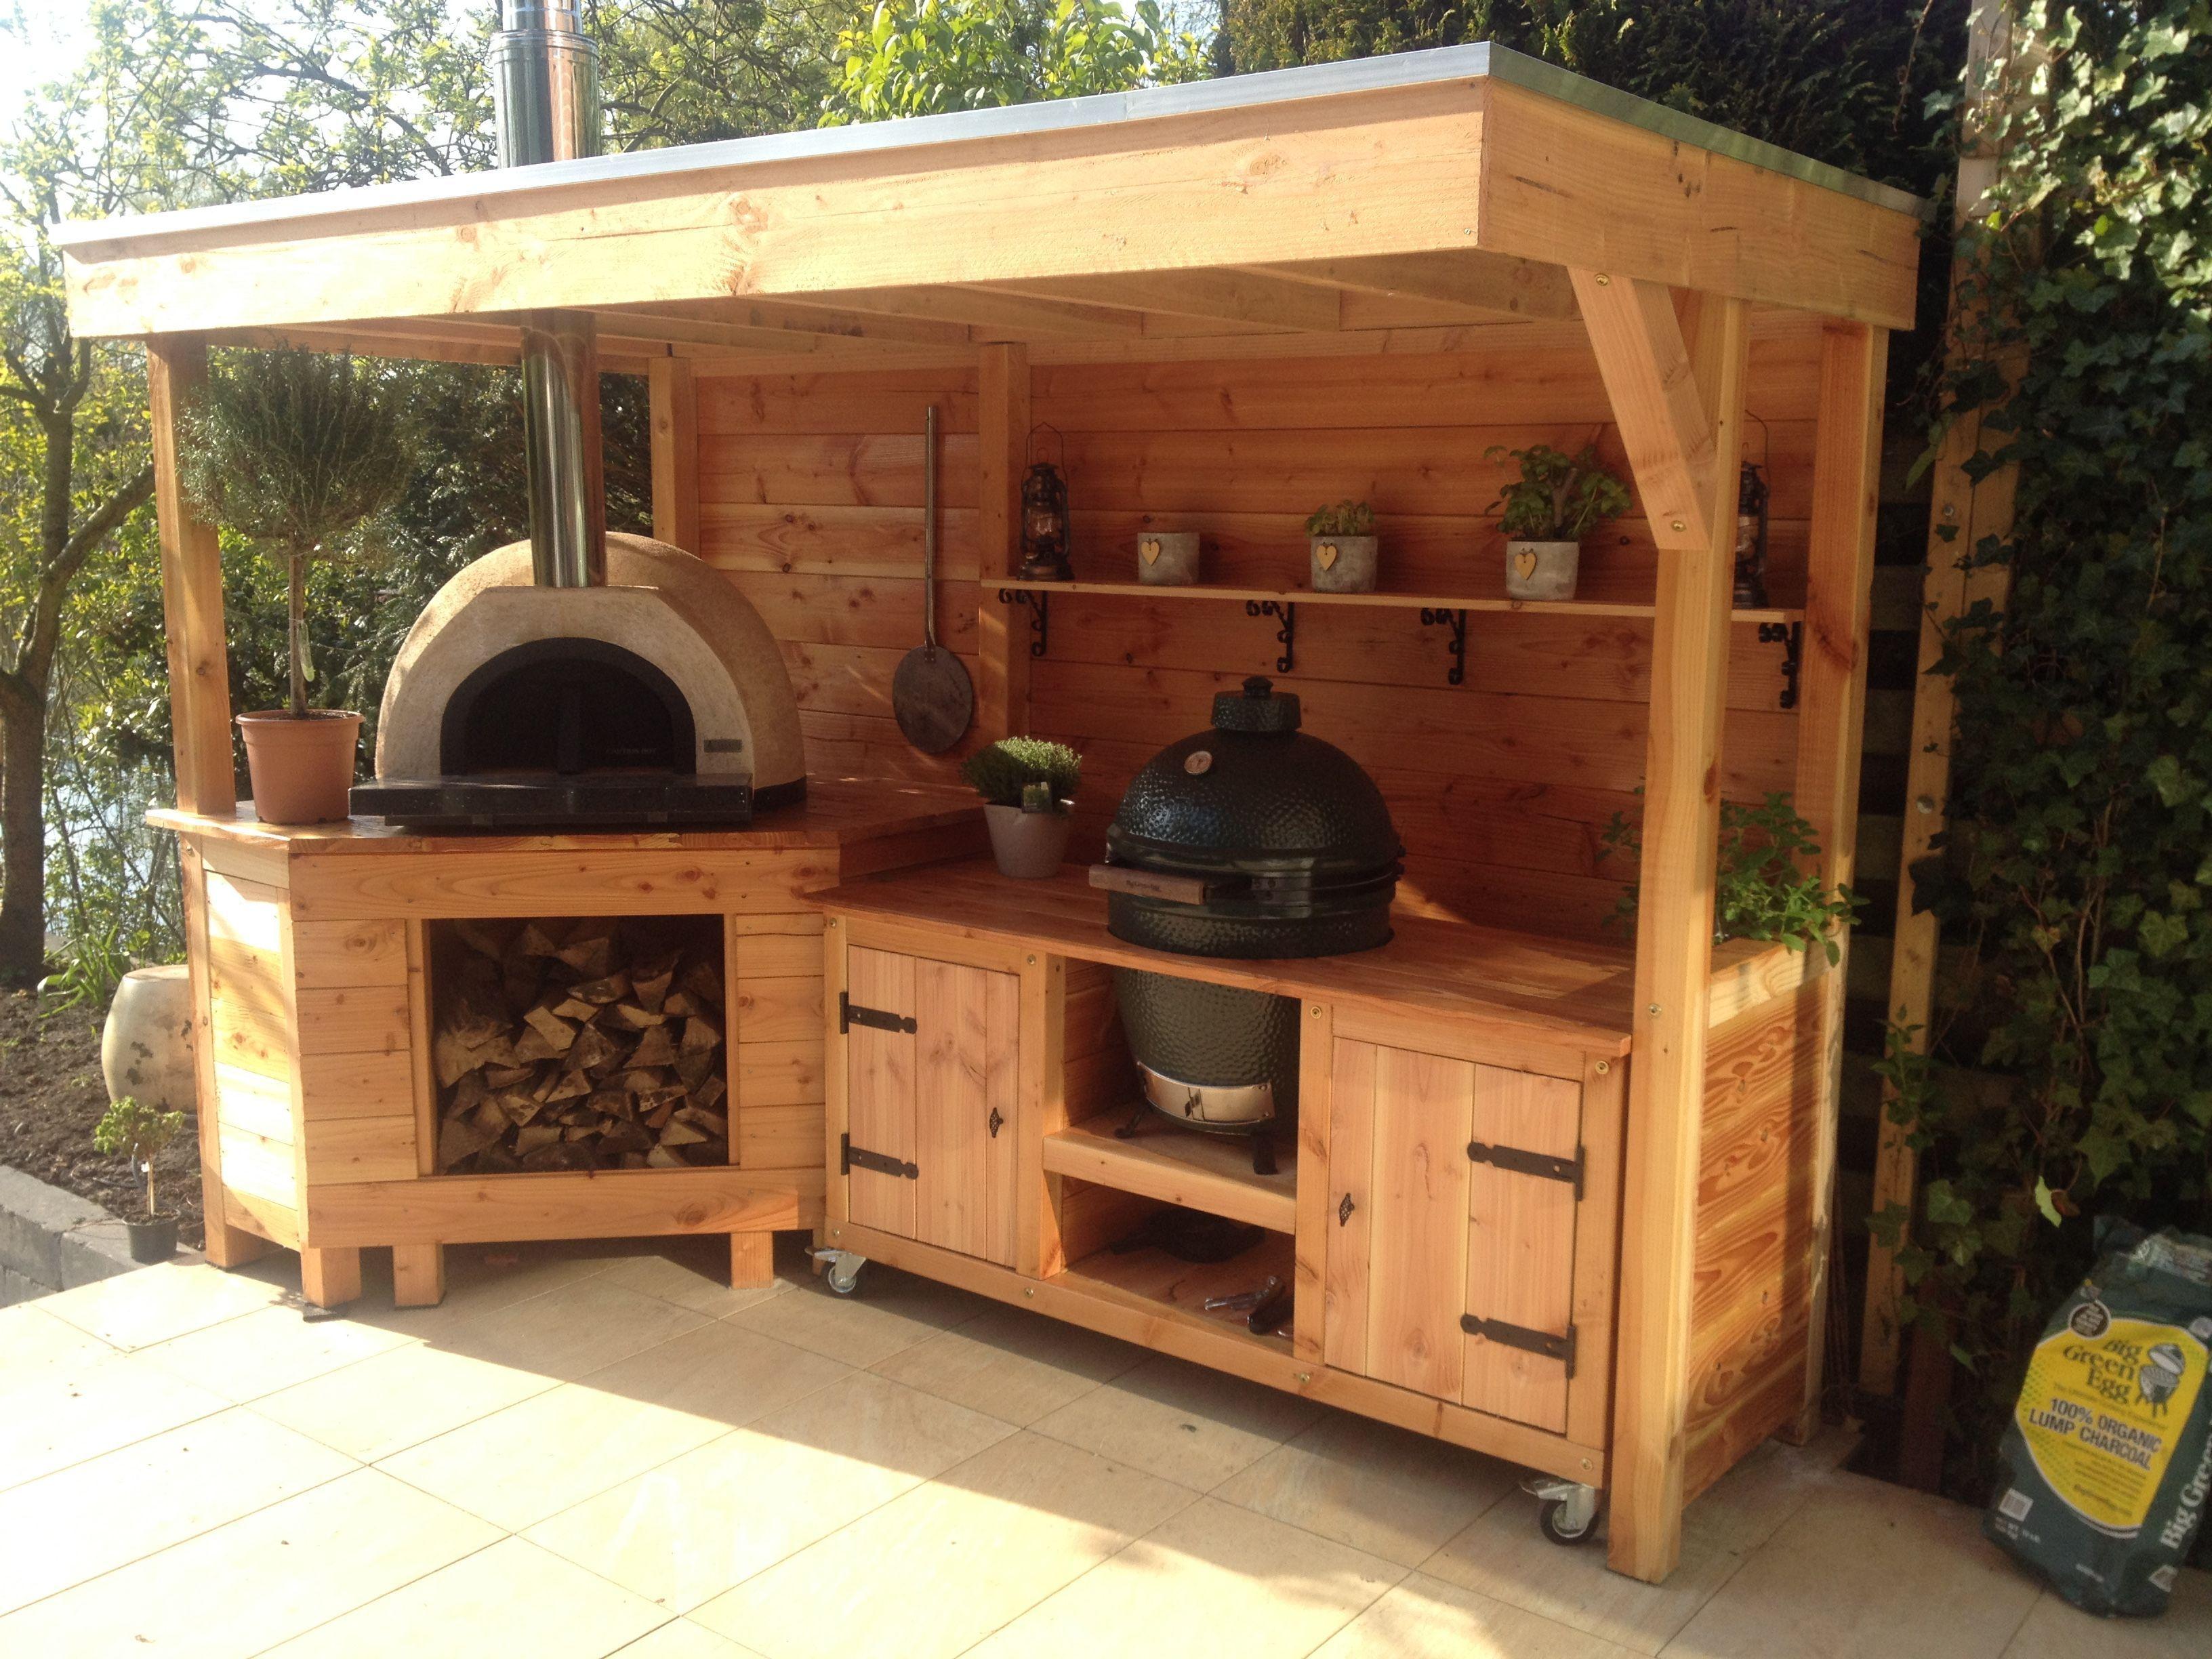 40 Best Outdoor Kitchen Design And Ideas In 2019 Diy Outdoor Kitchen Outdoor Kitchen Design Backyard Kitchen